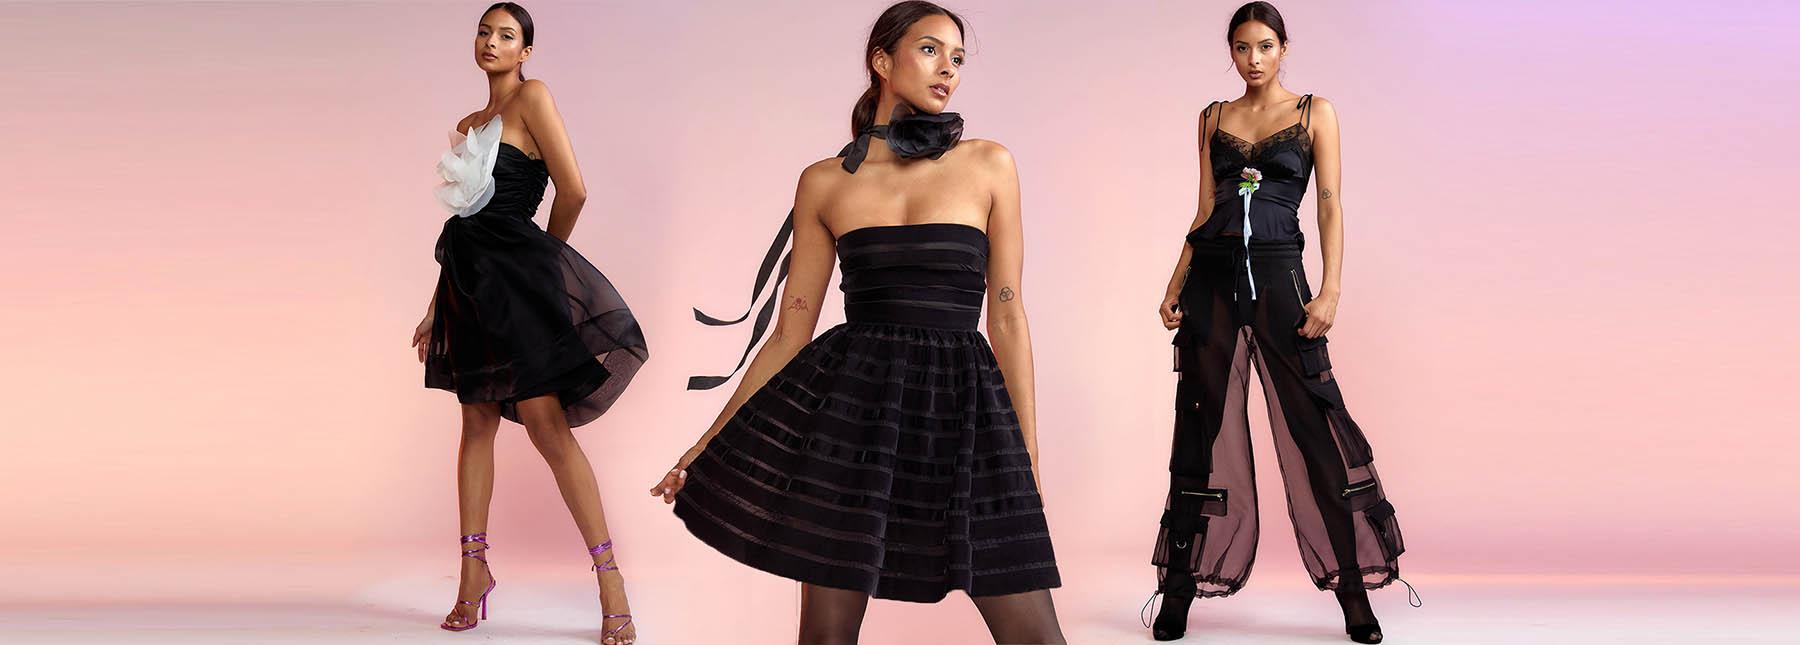 23c23e5873 Cynthia Rowley Dresses - Cynthia Rowley Handbags